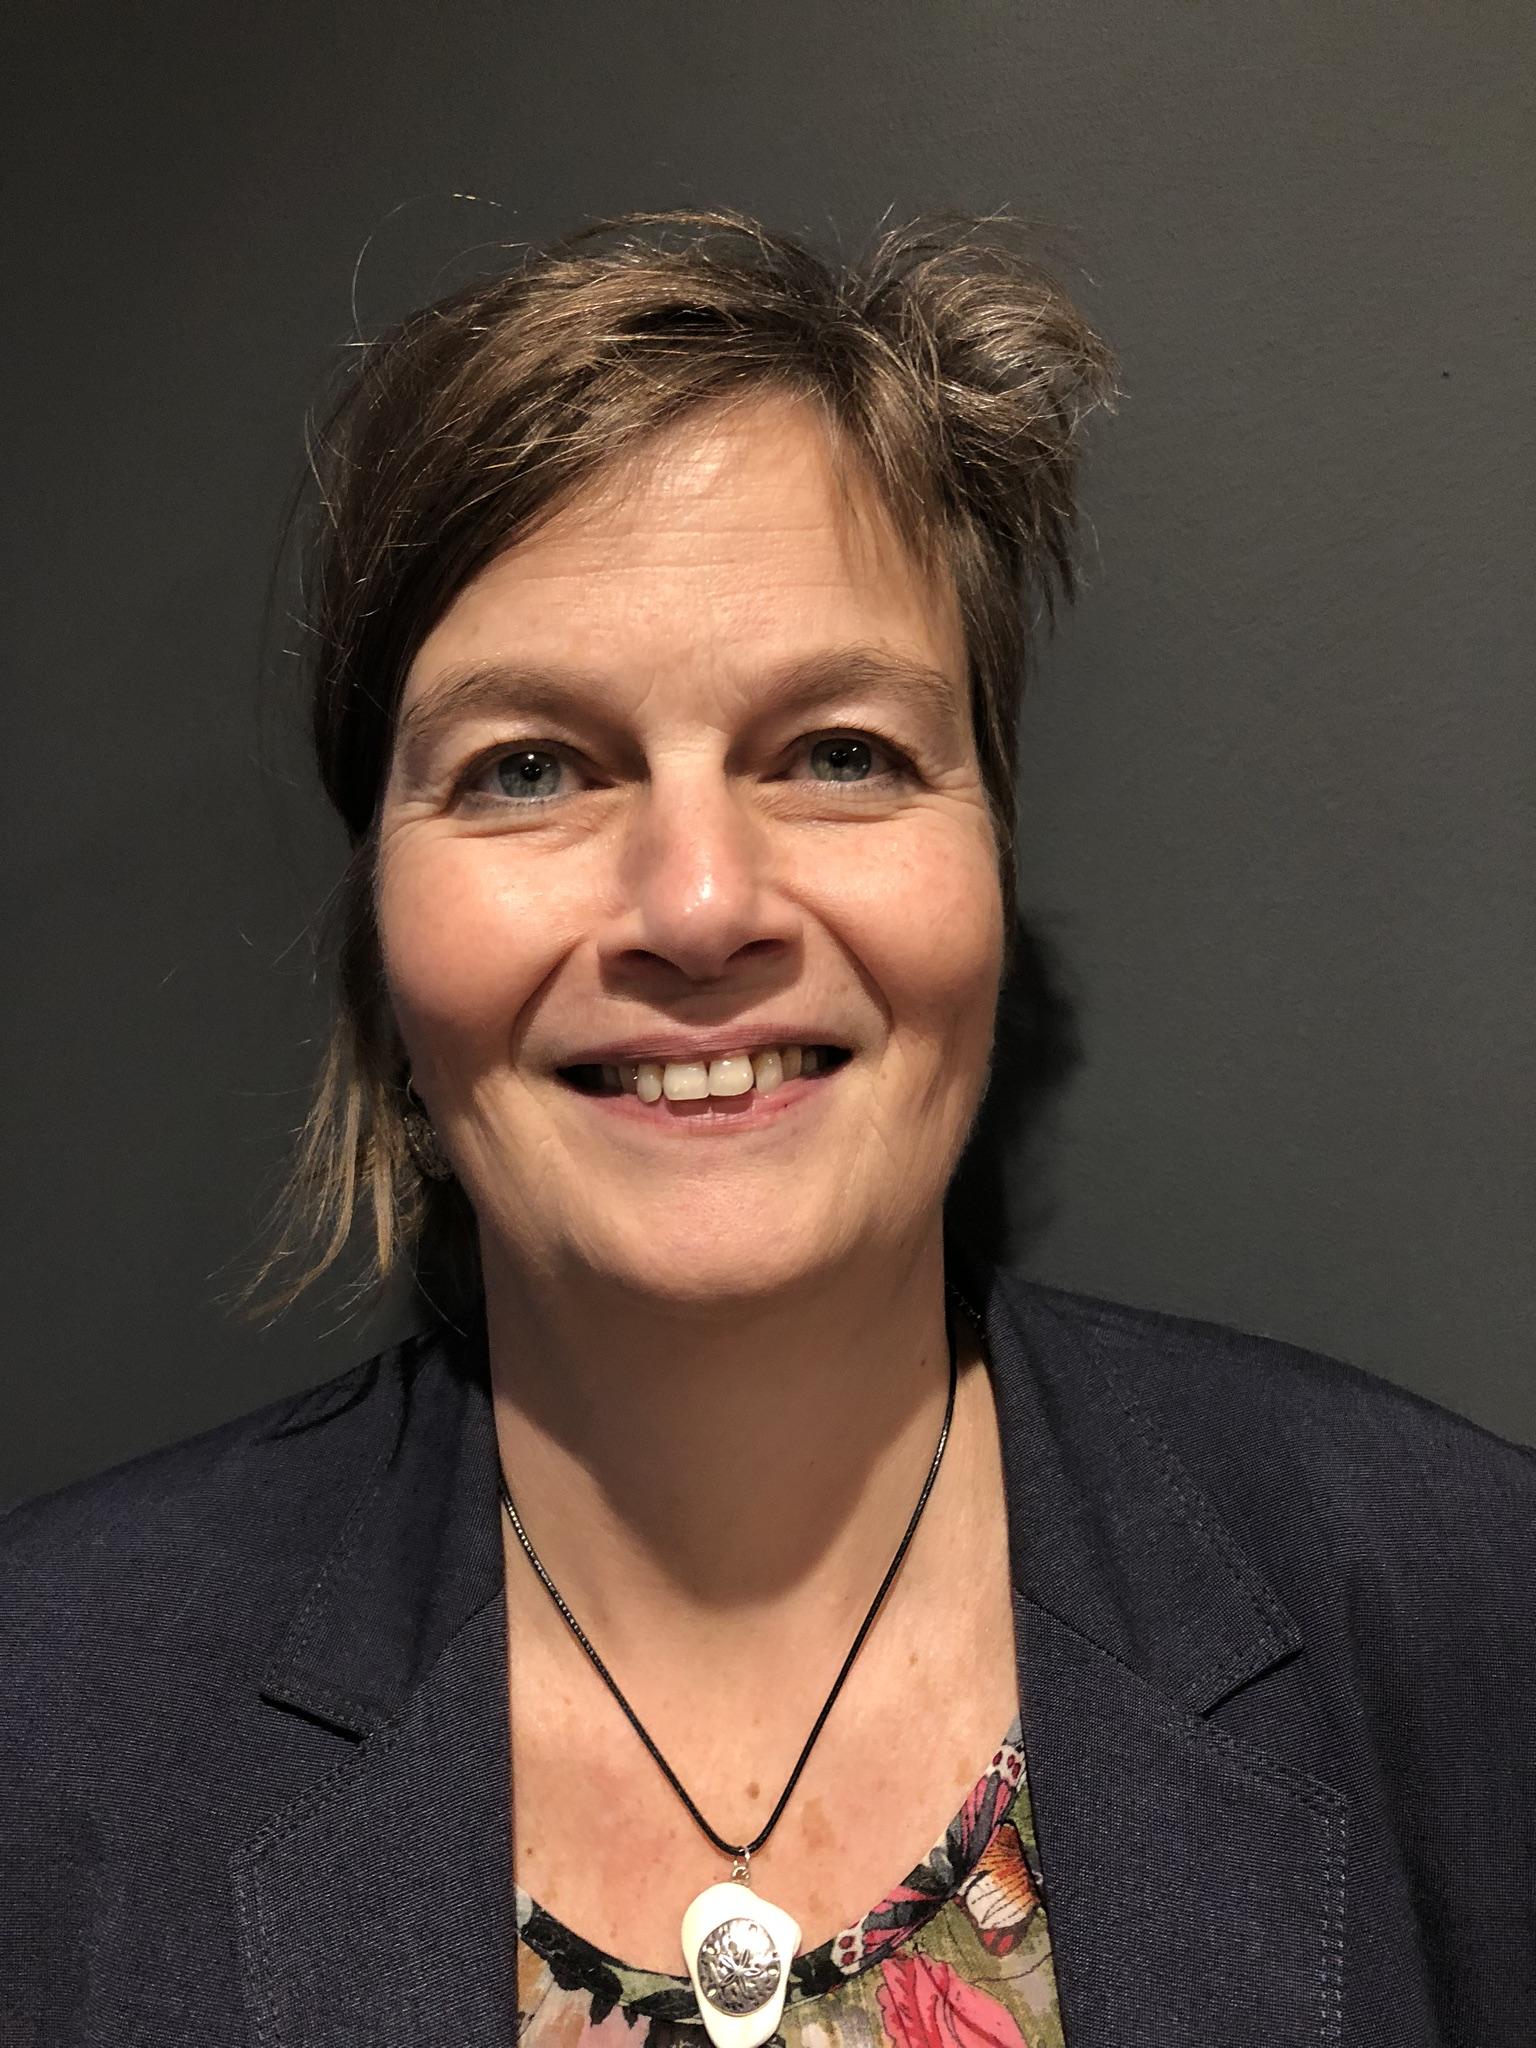 Picture of Heleen van de Weerd